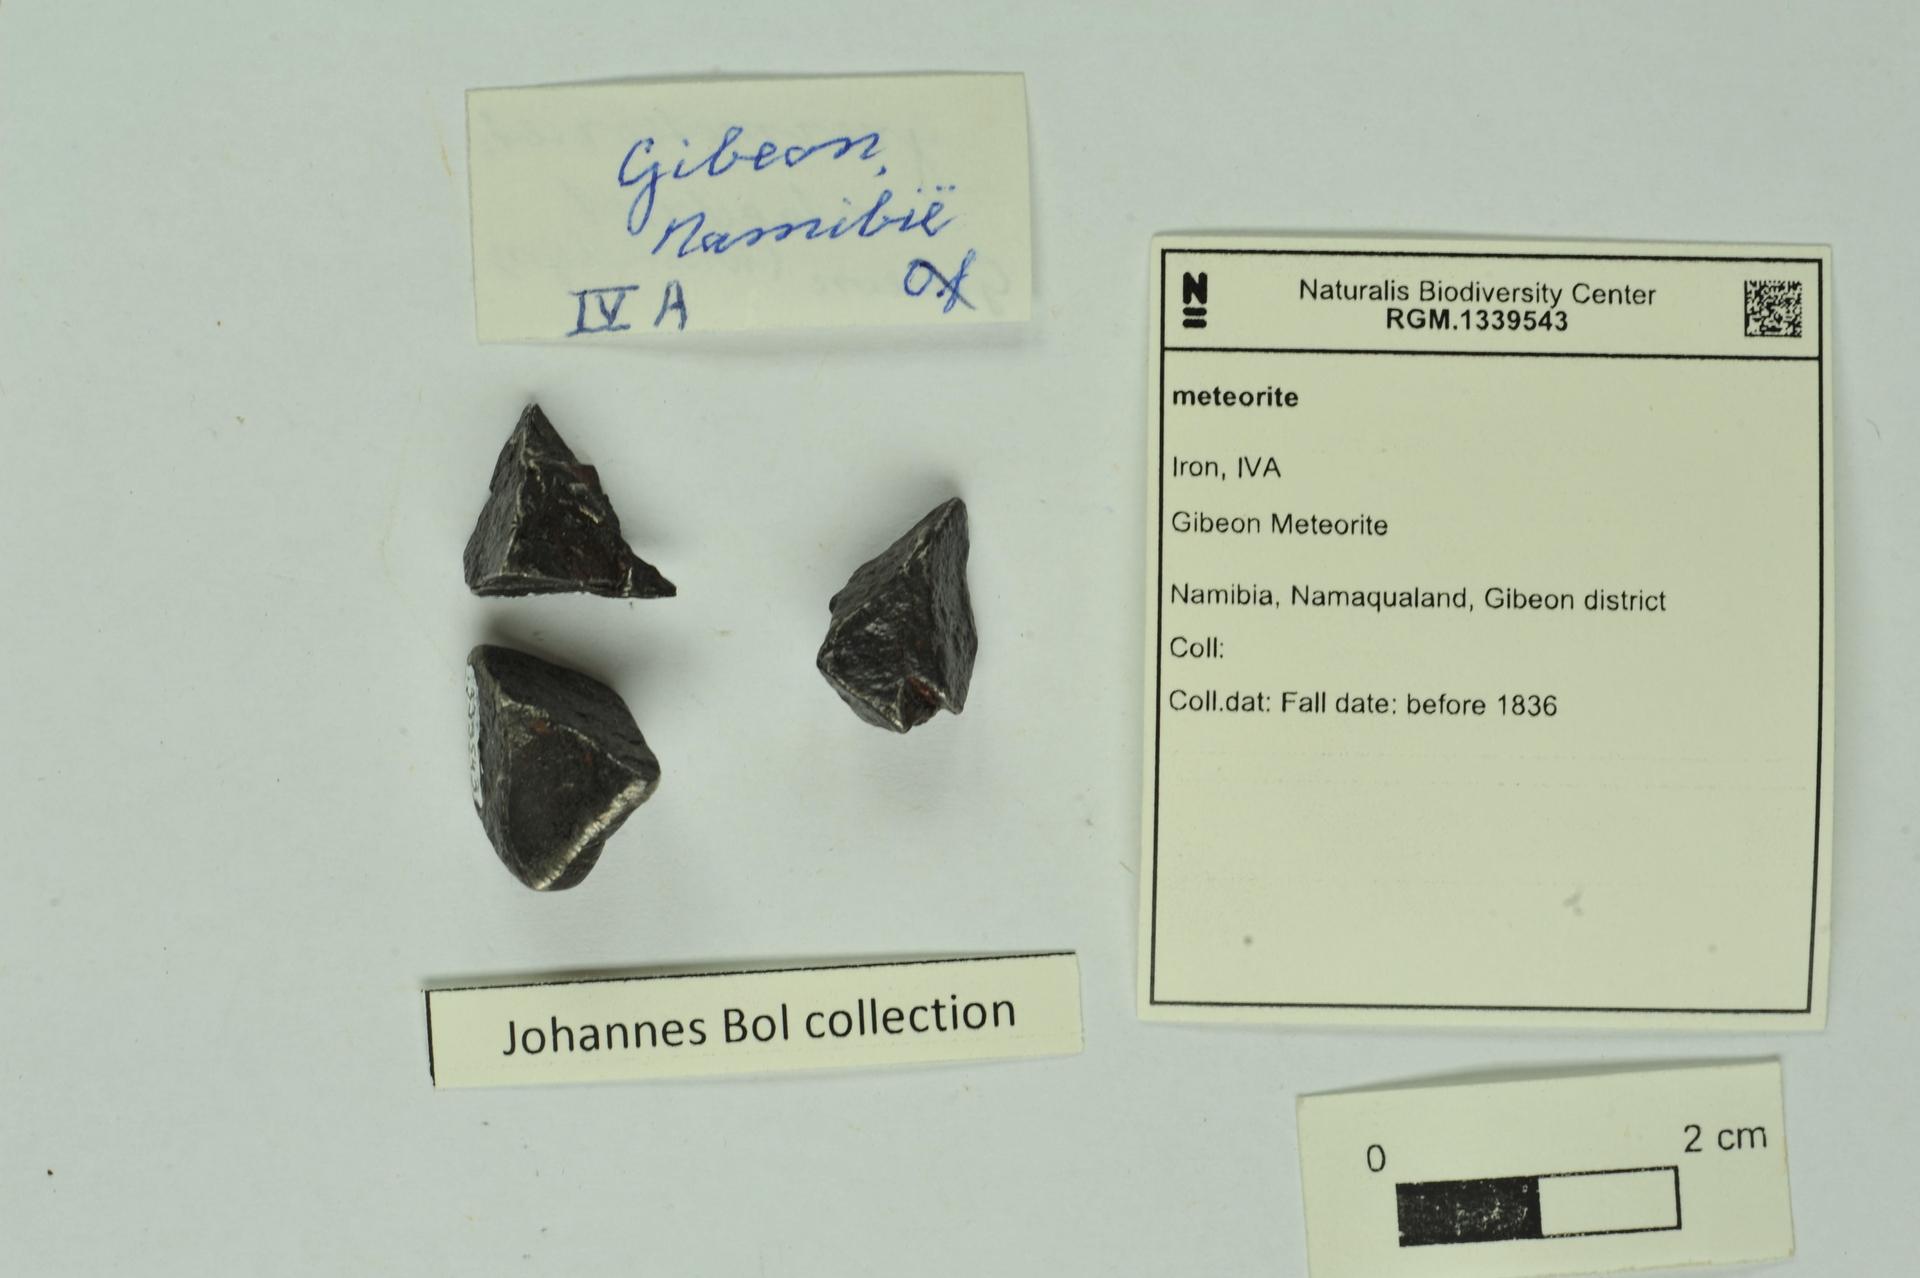 RGM.1339543 | Iron, IVA